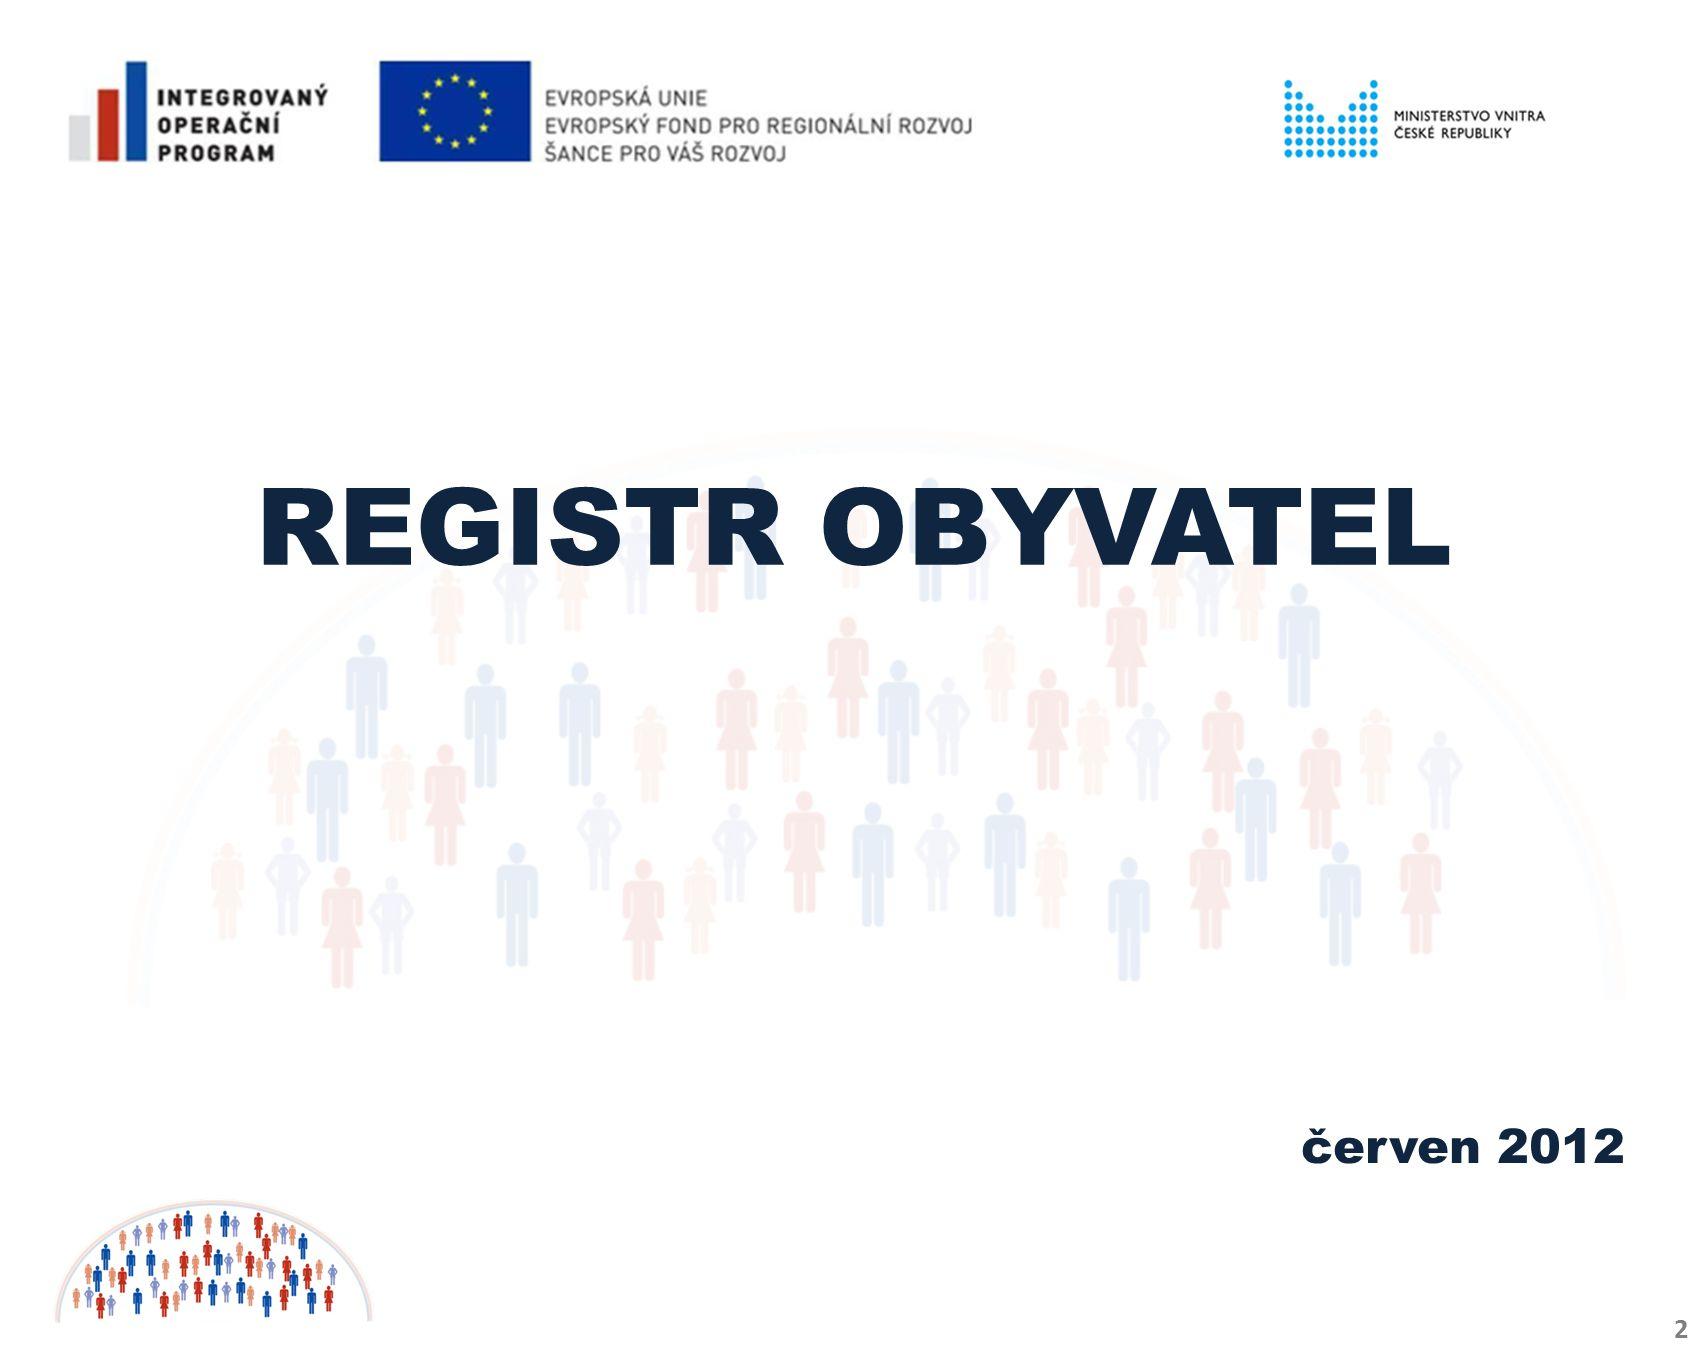 Formulářový informační systém  součást projektu ISZR  sada formulářů v prostředí Czech POINT, které umožňují komunikaci se základními registry online  vytváření výpisu ze systému ZR, na základě zadaného požadavku  poskytování referenčních údajů  aktivace procesu zpochybnění (reklamace) referenčního údaje  zajištění souhlasu popřípadě odvolání souhlasu s poskytováním vybraných referenčních údajů nositele údajů (informace o změnách) třetím osobám 33